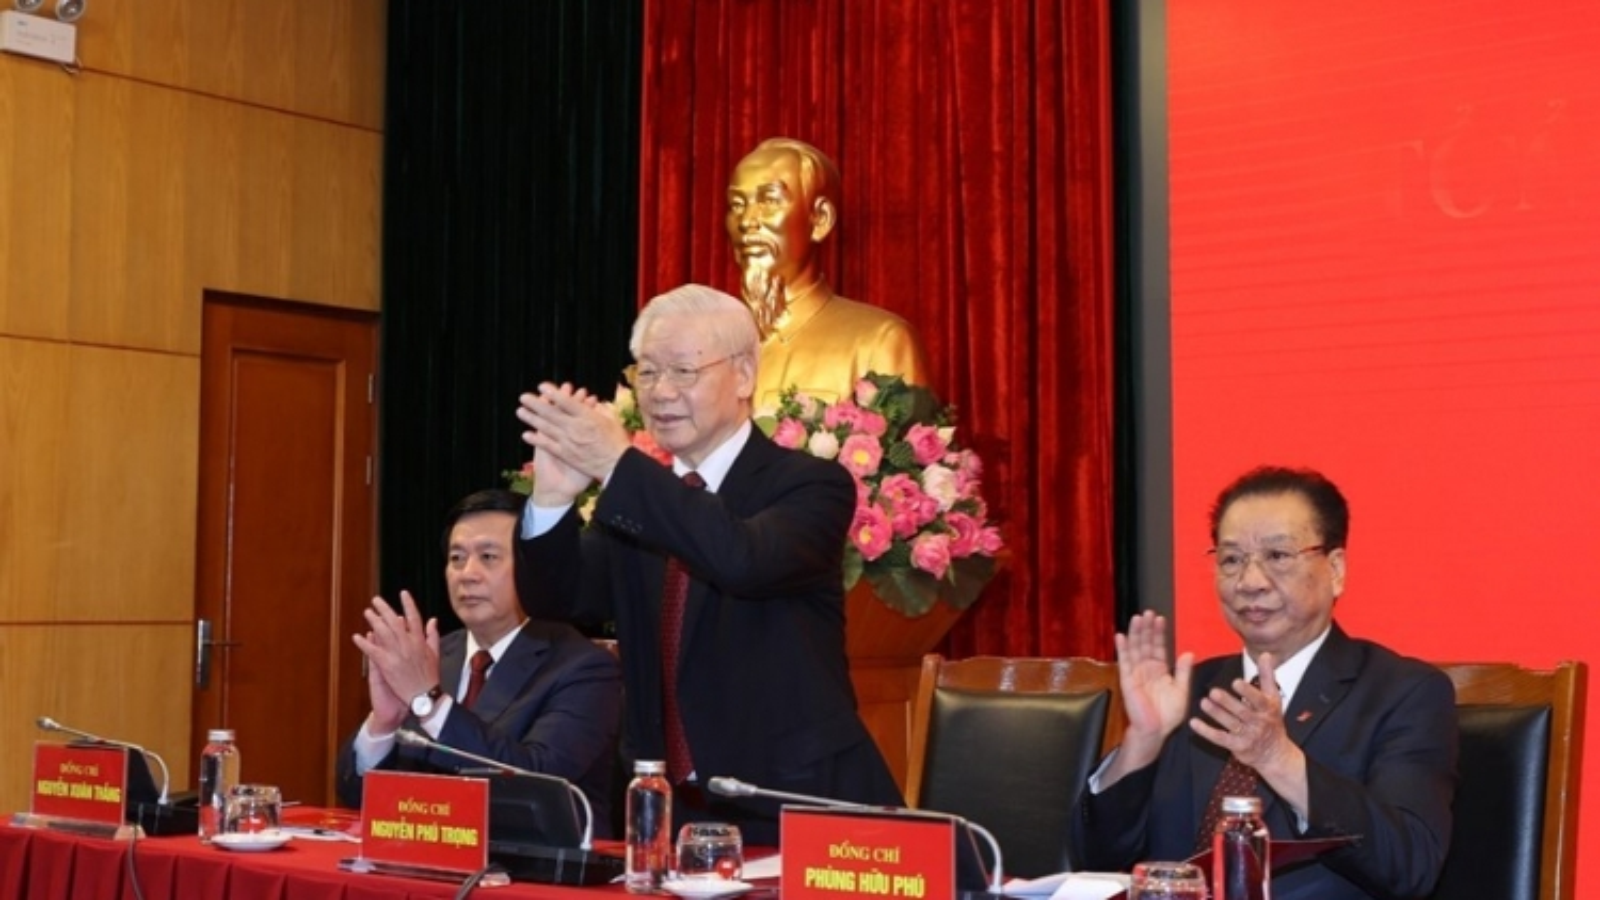 Tổng Bí thư Nguyễn Phú Trọng dự Hội nghị tổng kết Hội đồng Lý luận T.Ư